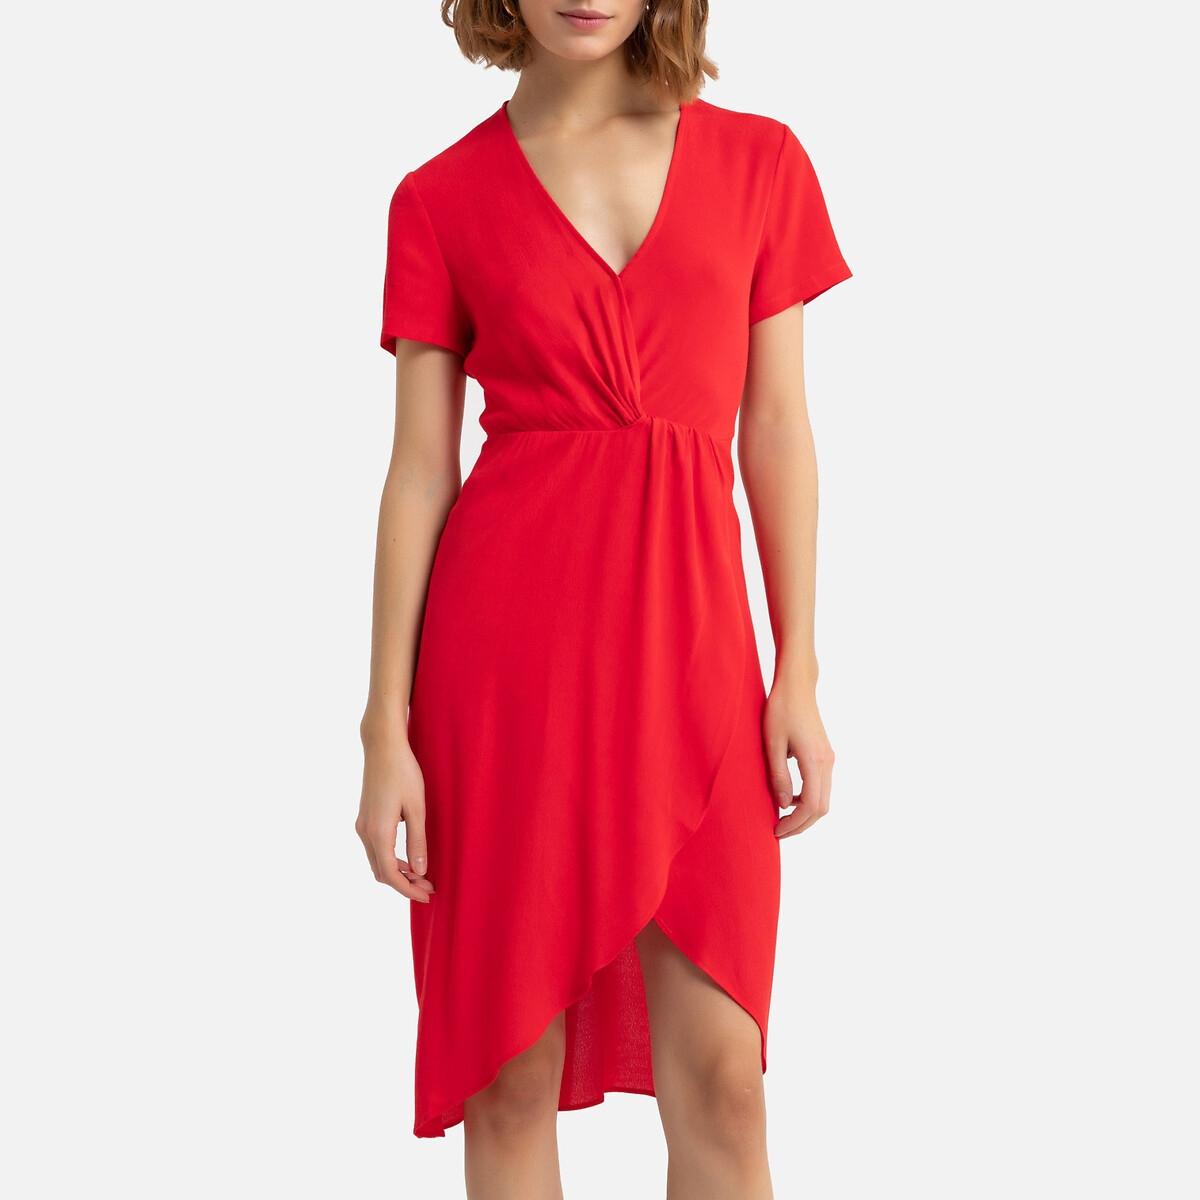 цена на Платье-миди La Redoute V-образный вырез эффект драпировки 1(S) красный